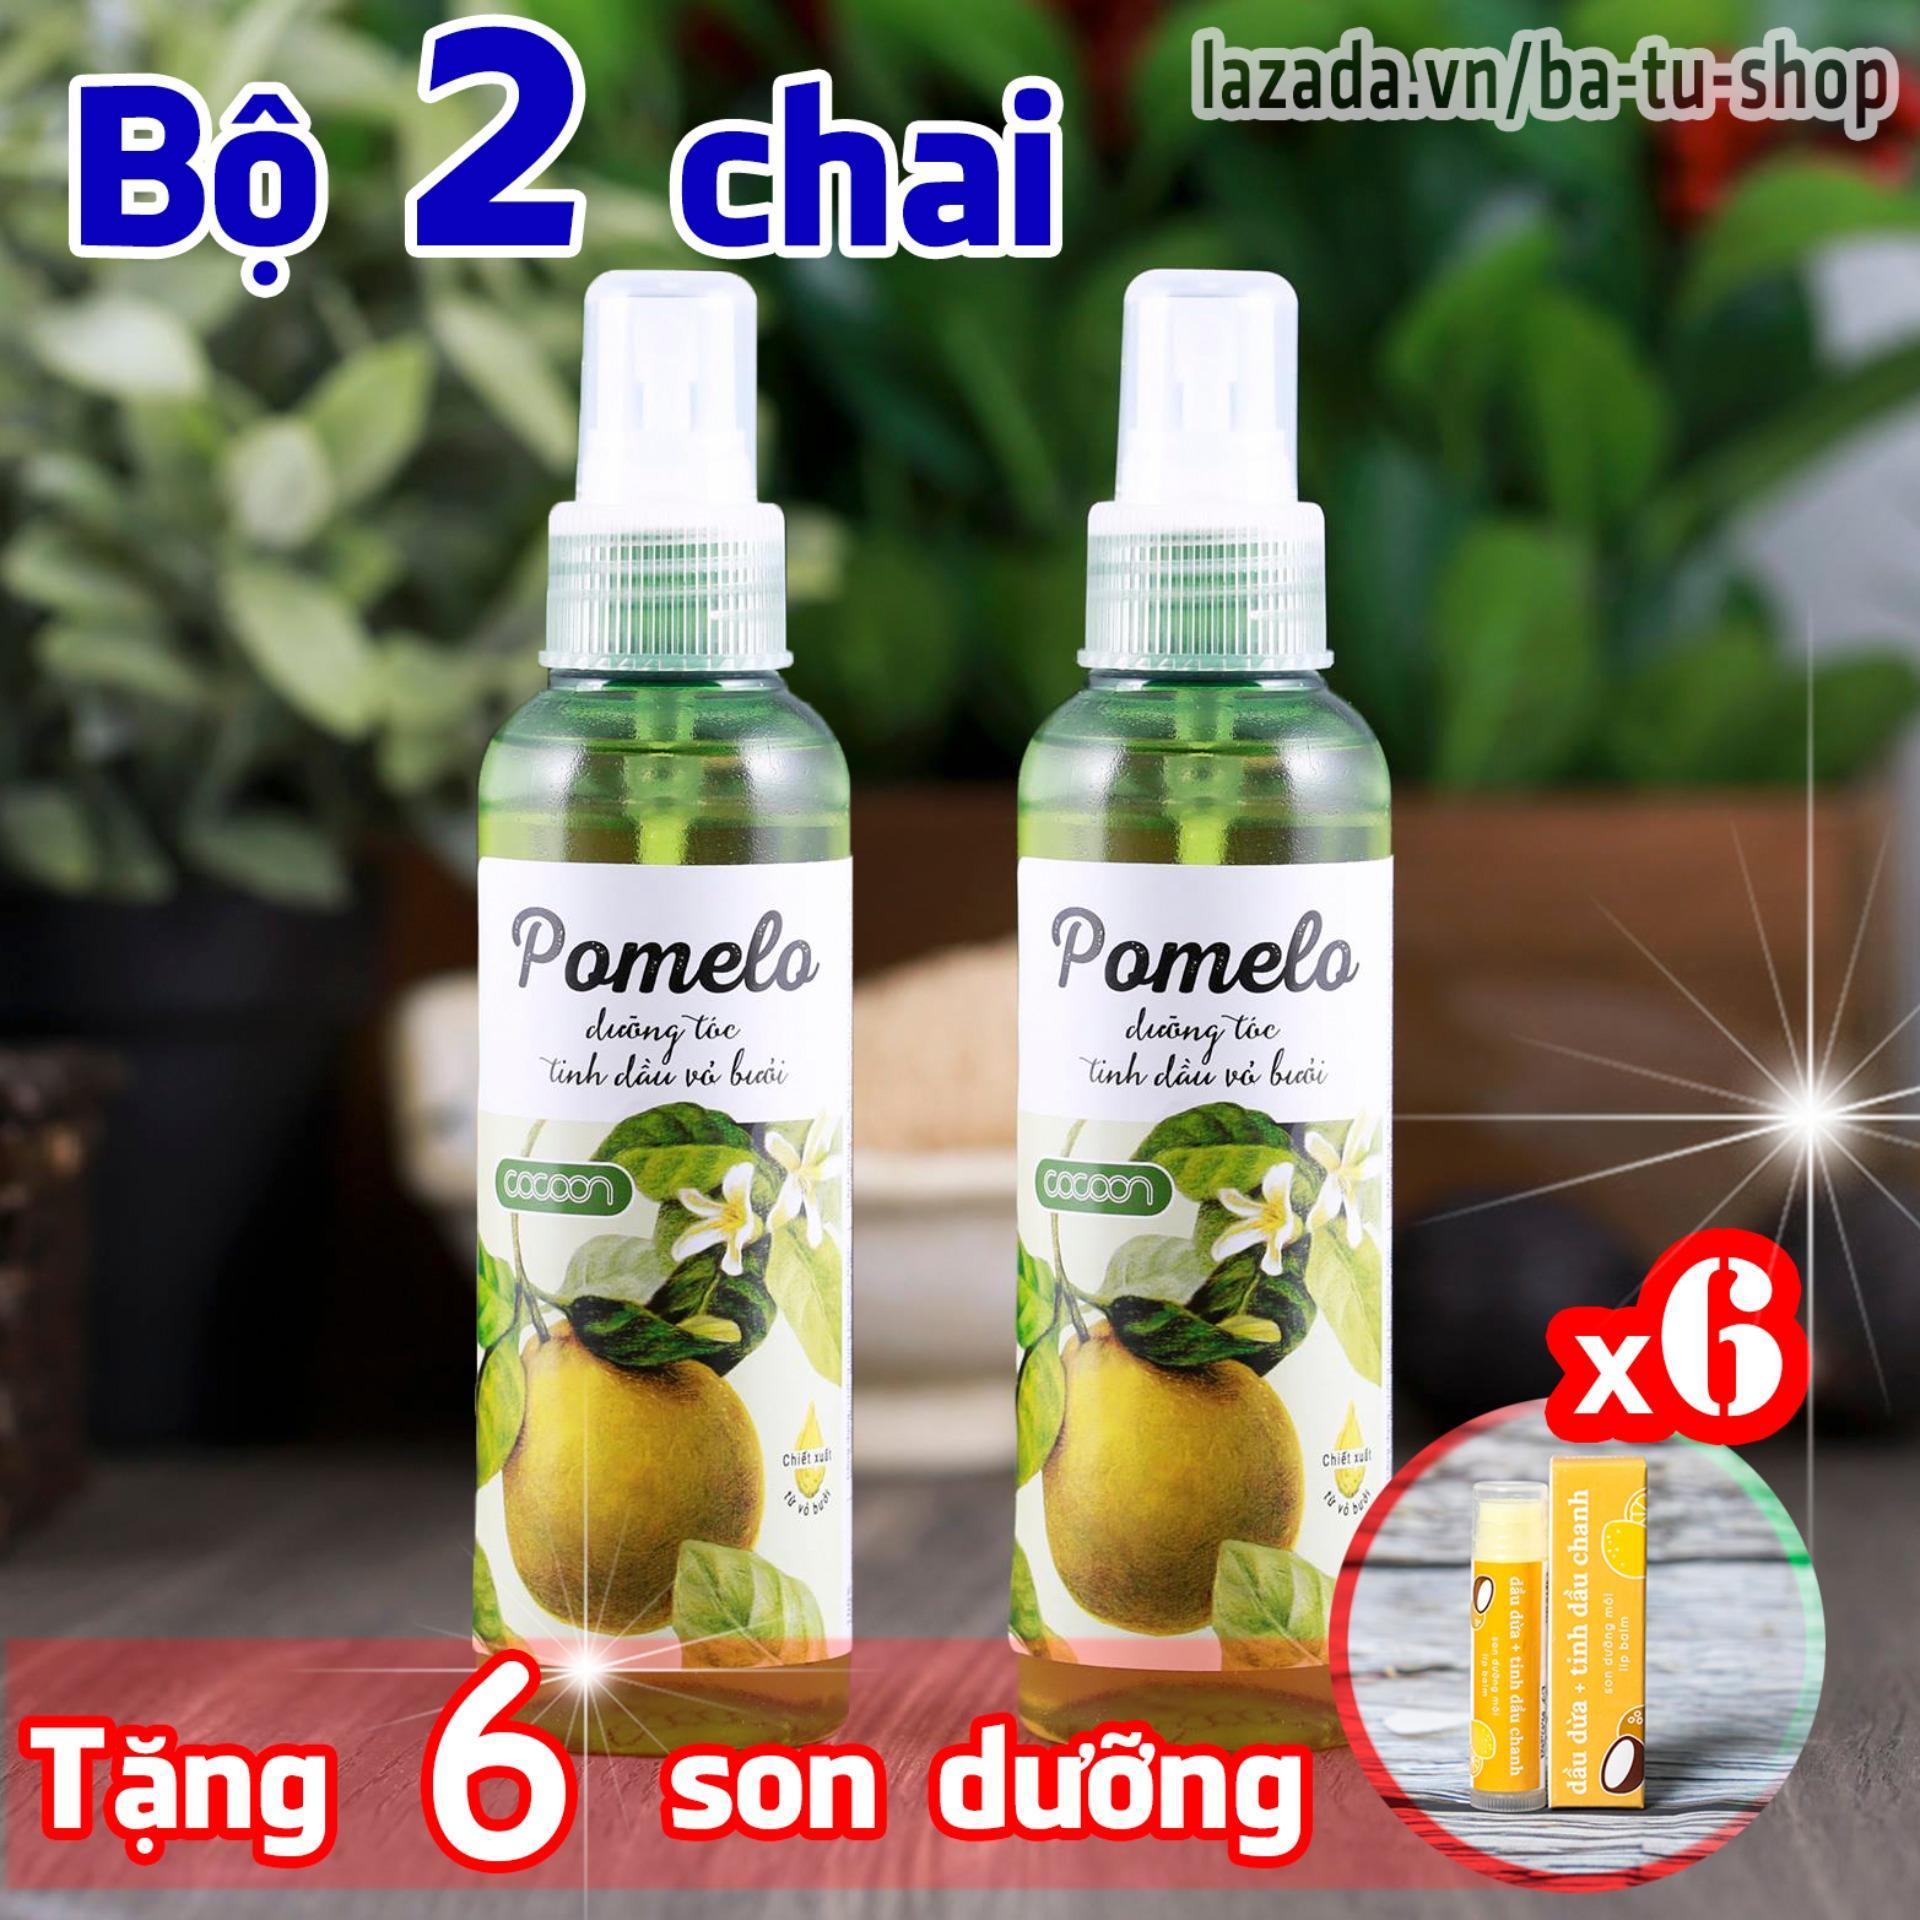 Hình ảnh Bộ 2 chai tinh dầu bưởi Cocoon Pomelo tặng ngay 6 son dưỡng môi Lip Care